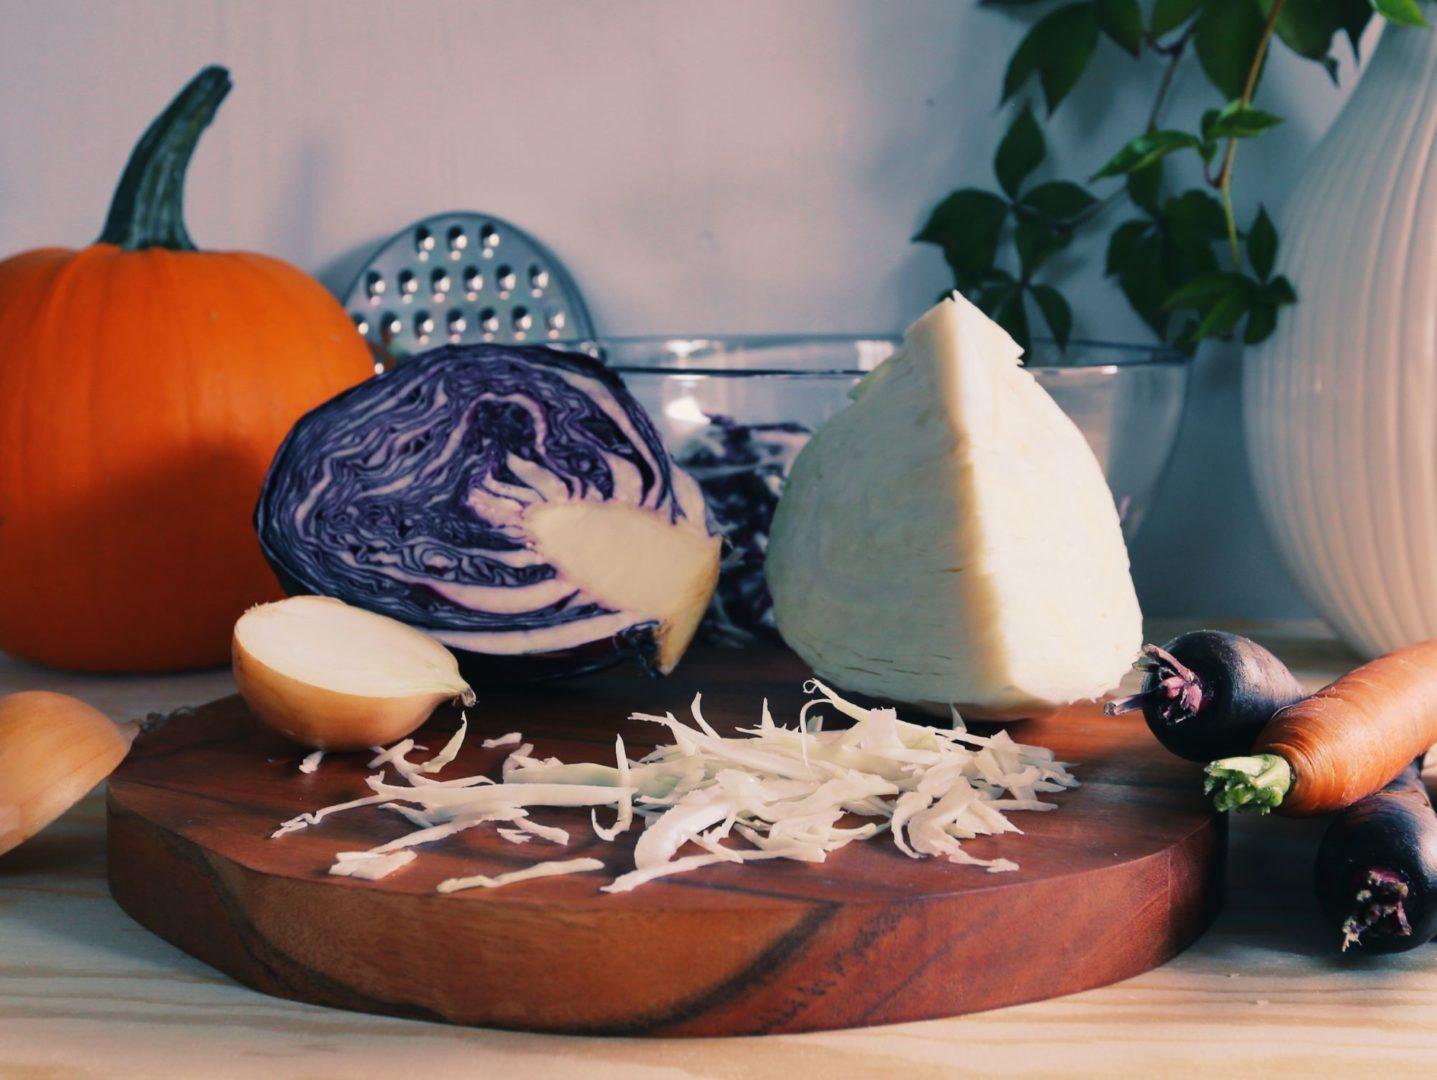 Príprava zeleniny, ktorú budeme kvasiť